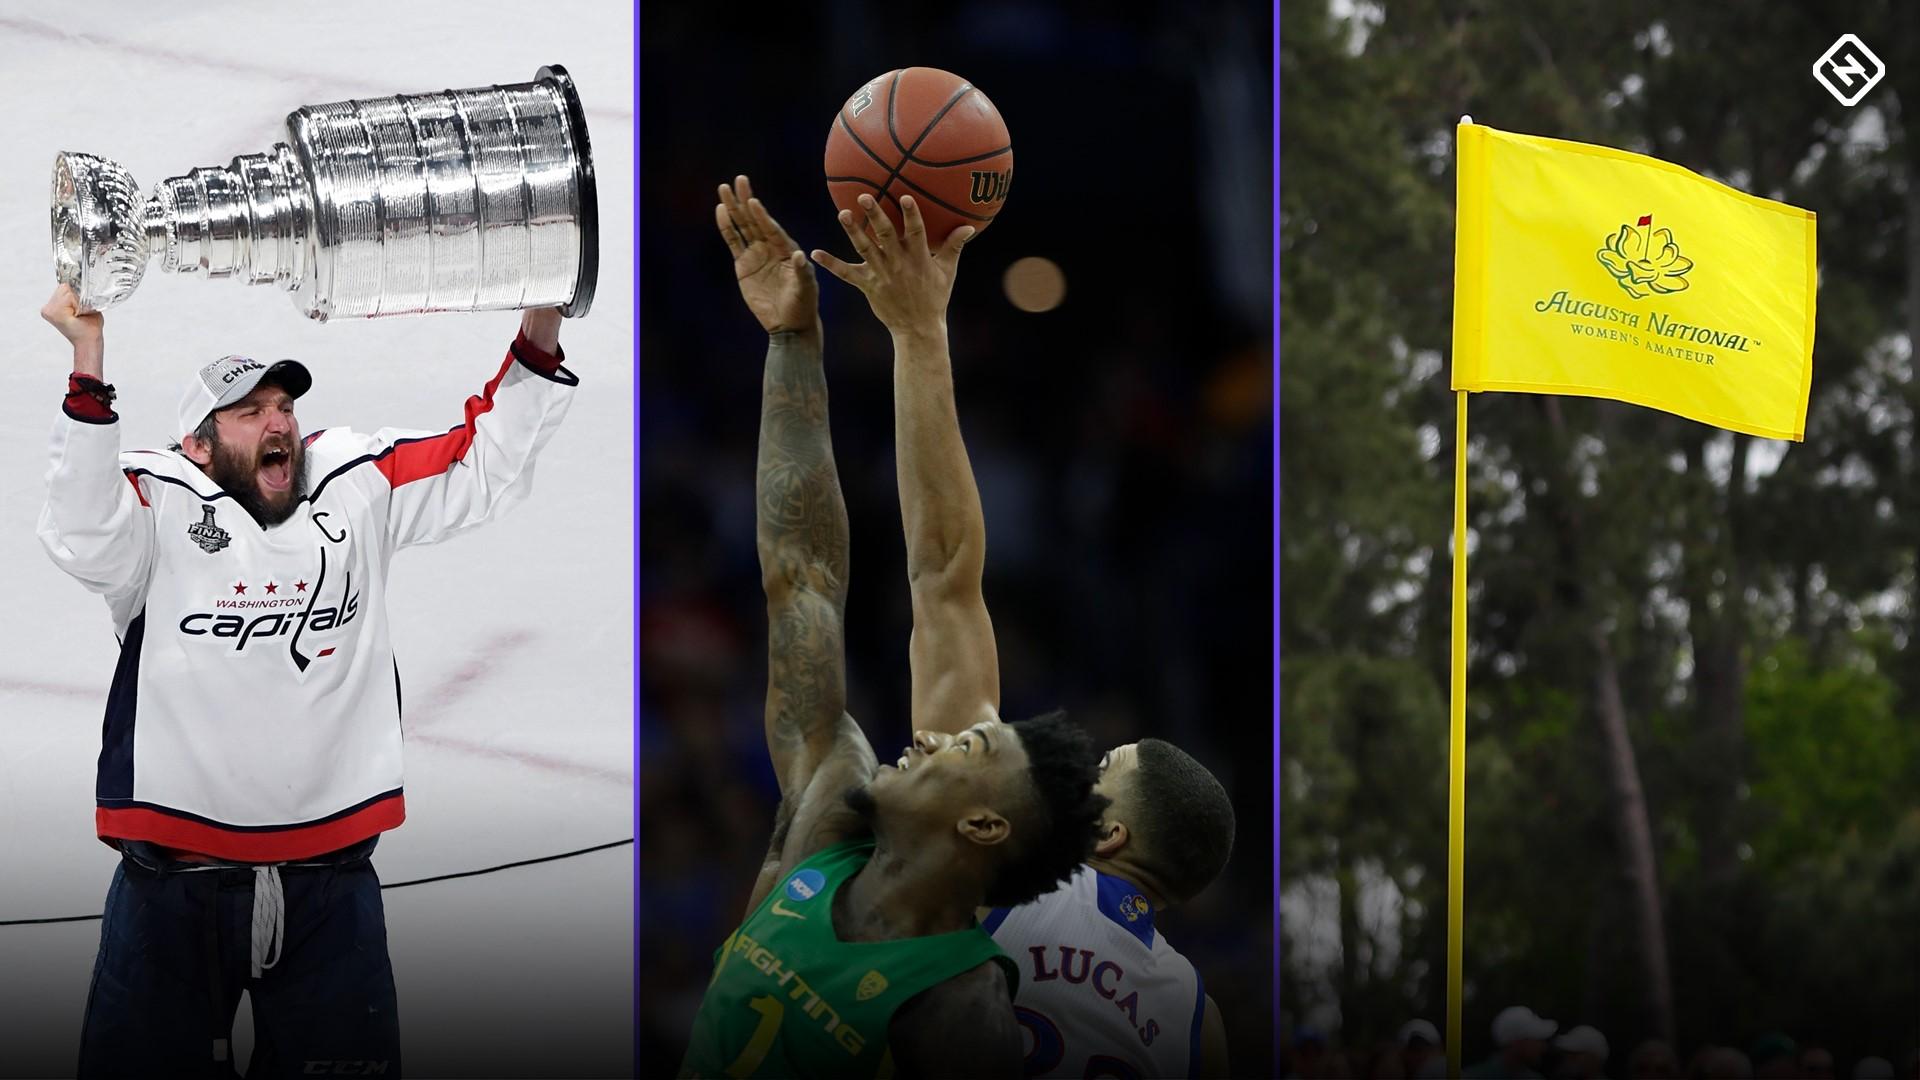 Soporte deportivo cancelado: vote por el evento deportivo que más extrañará esta primavera 2